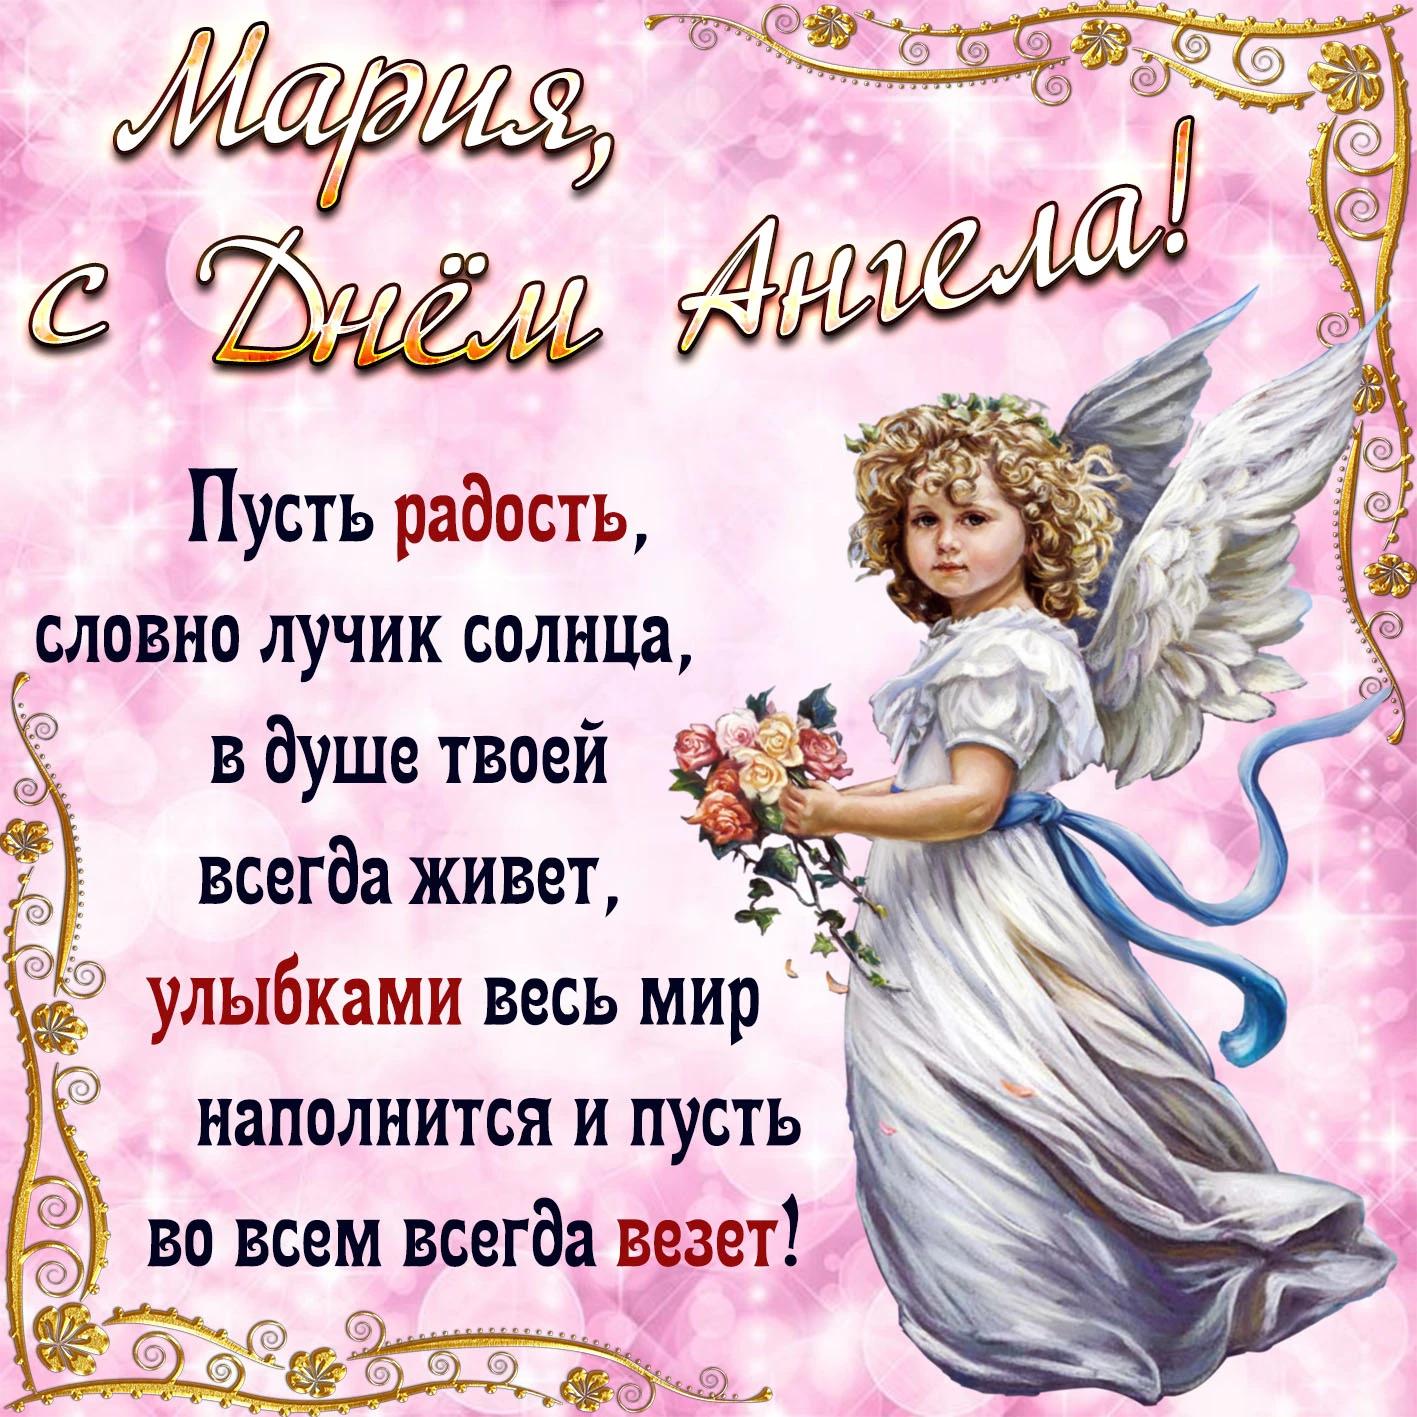 Картинка в день ангела Марии